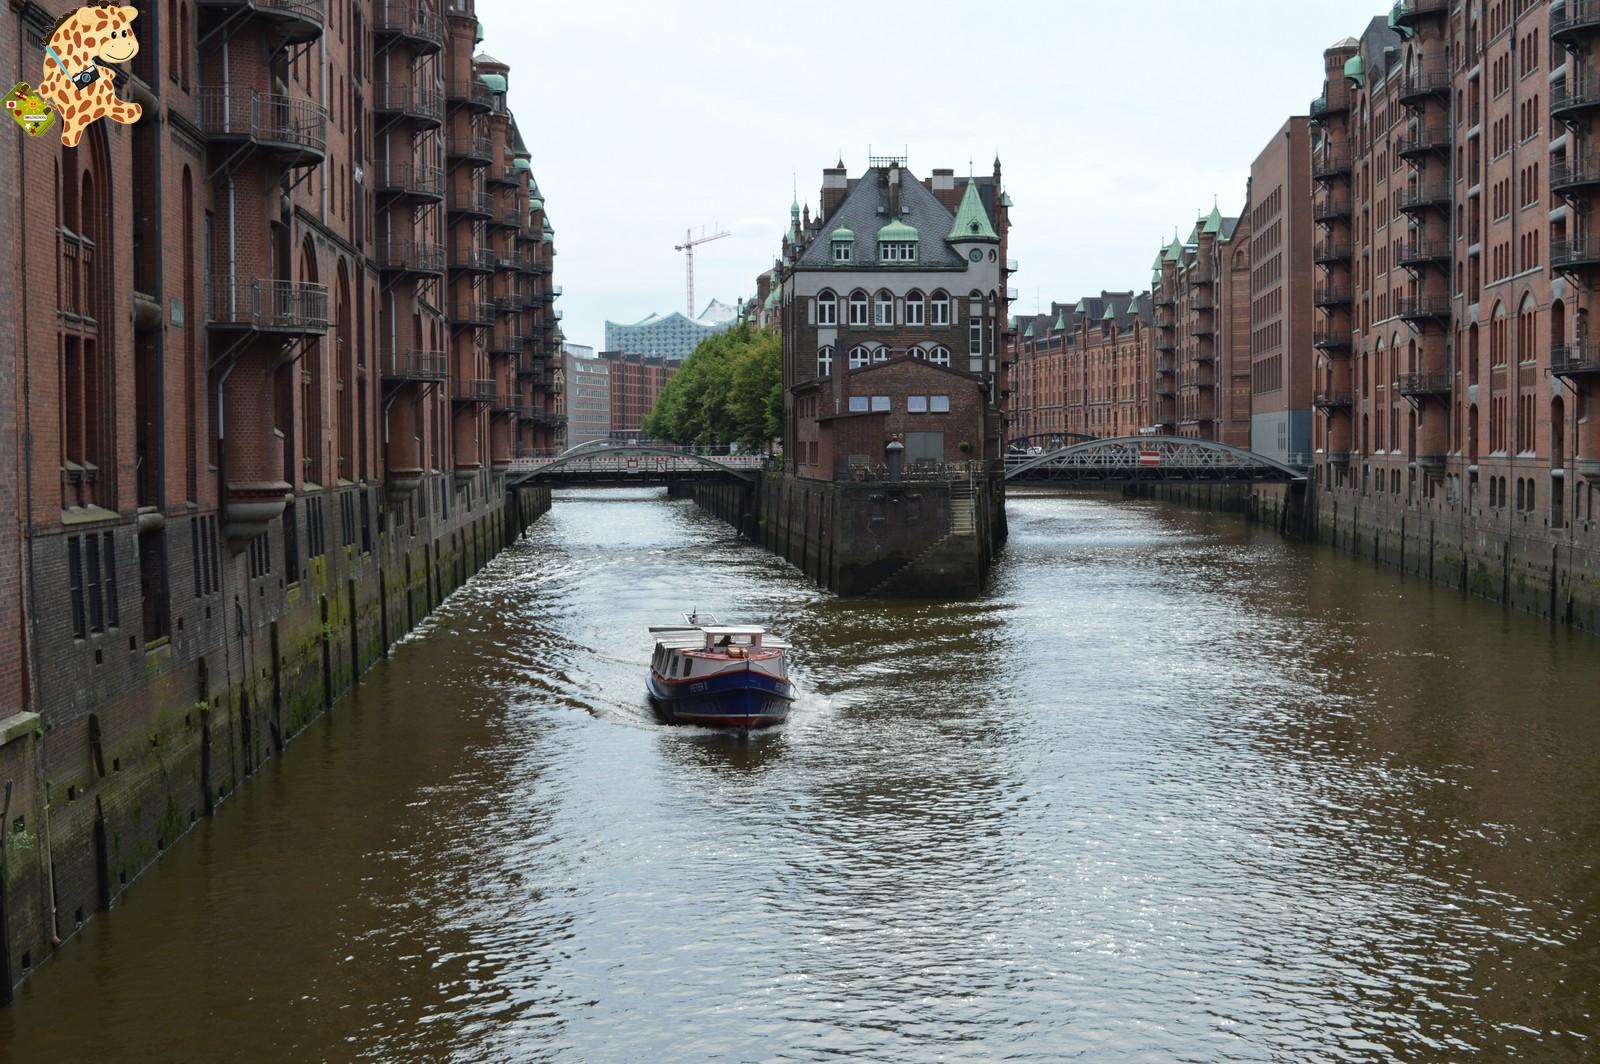 Alemania en 12 días: Qué ver en Hamburgo?